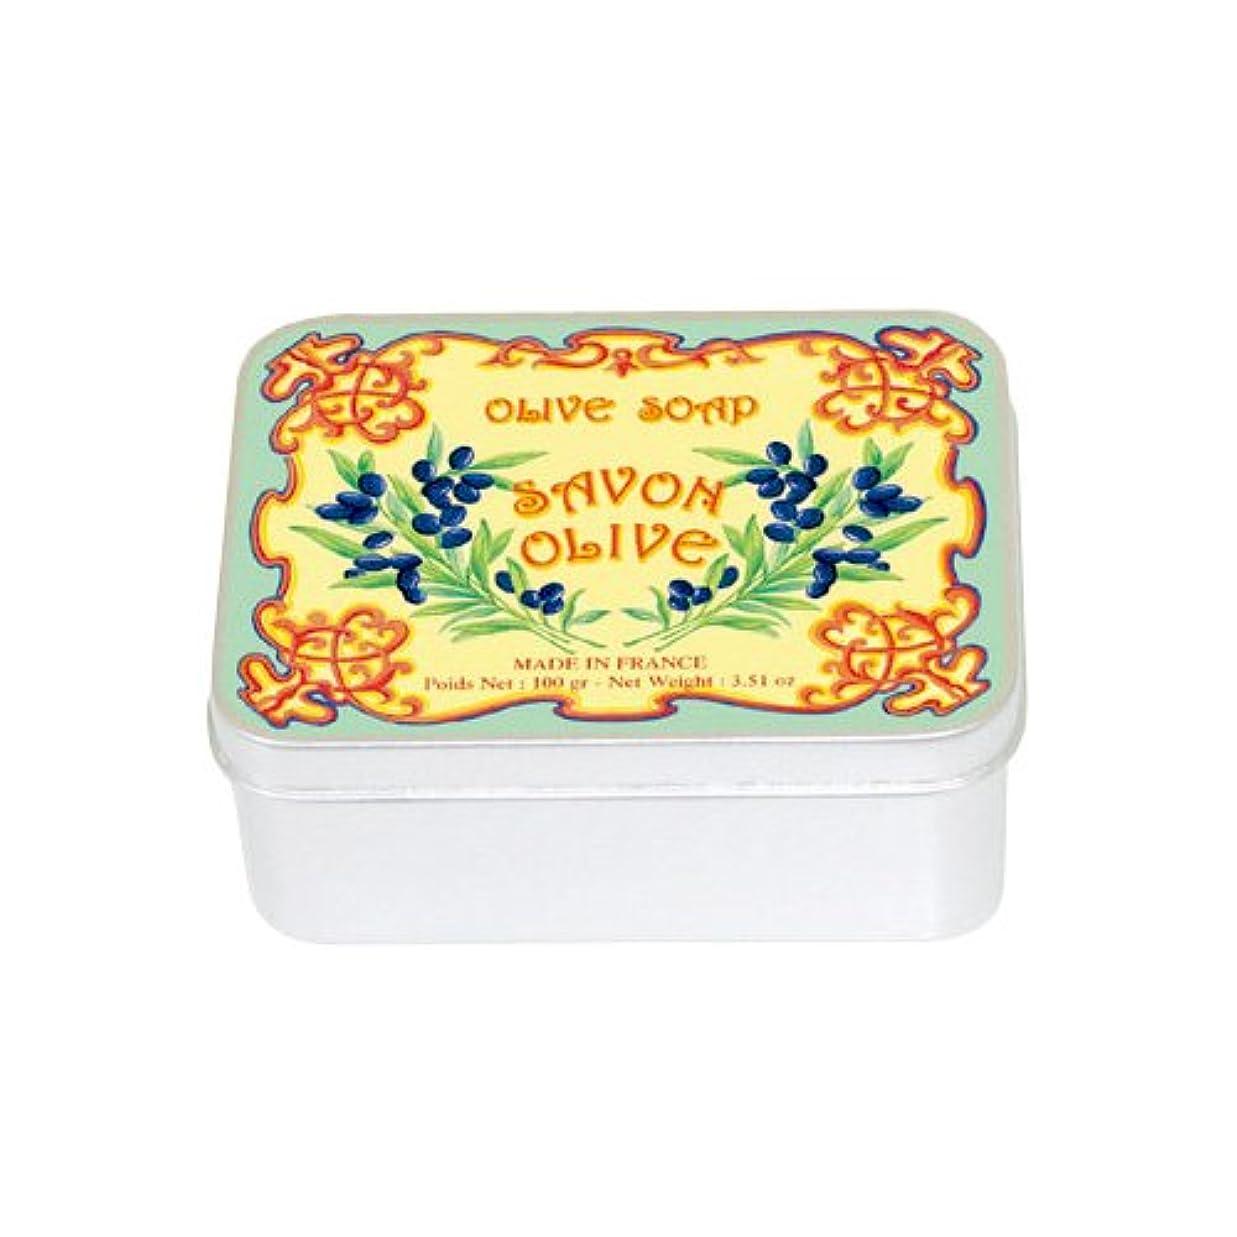 不透明な汚物子供時代ルブランソープ メタルボックス(オリーブの香り)石鹸